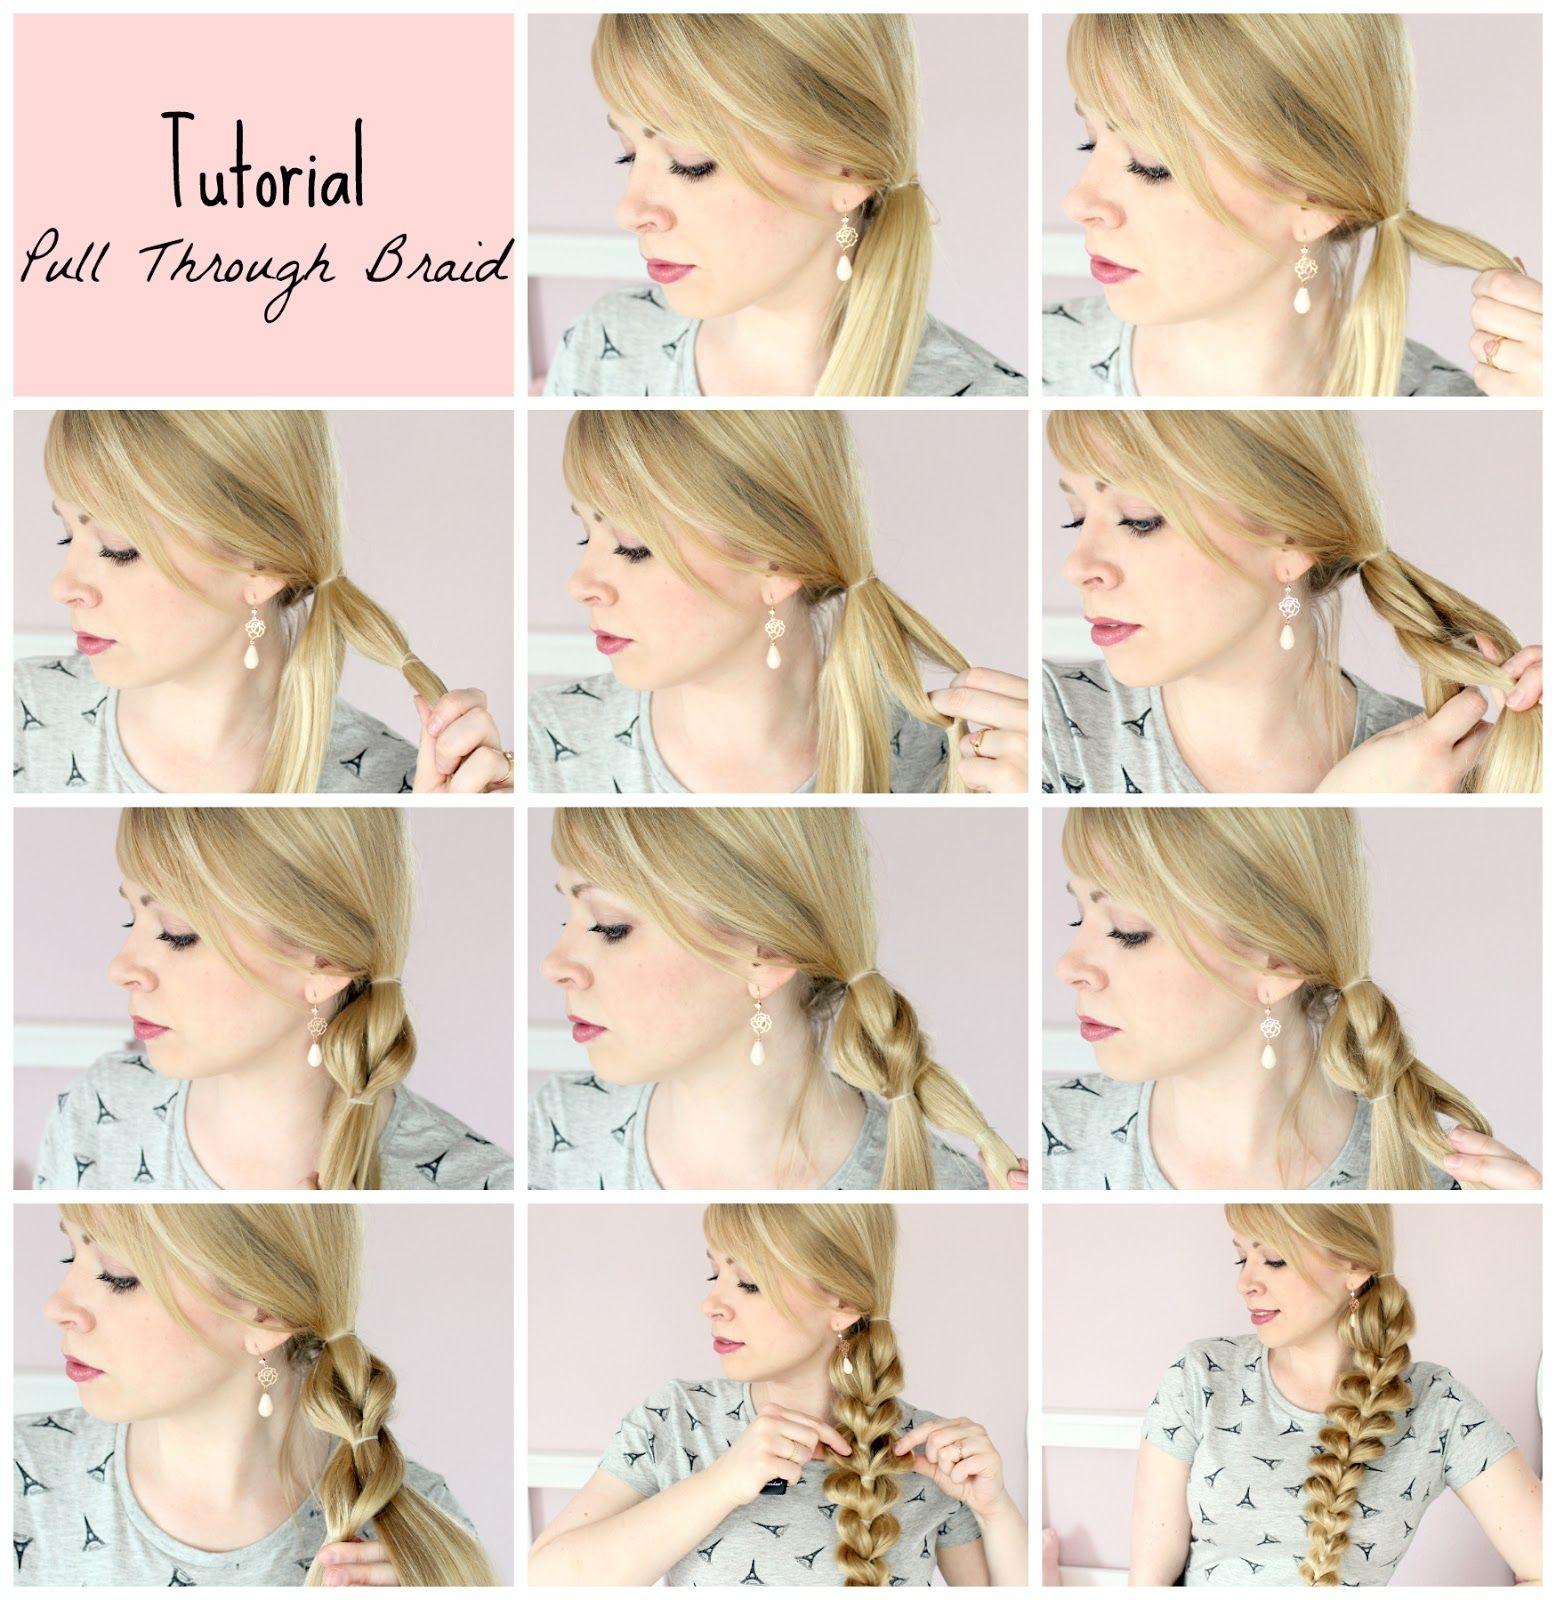 Tutorial: Pull Through Braid - Einfach & ohne Flechten! - Blush